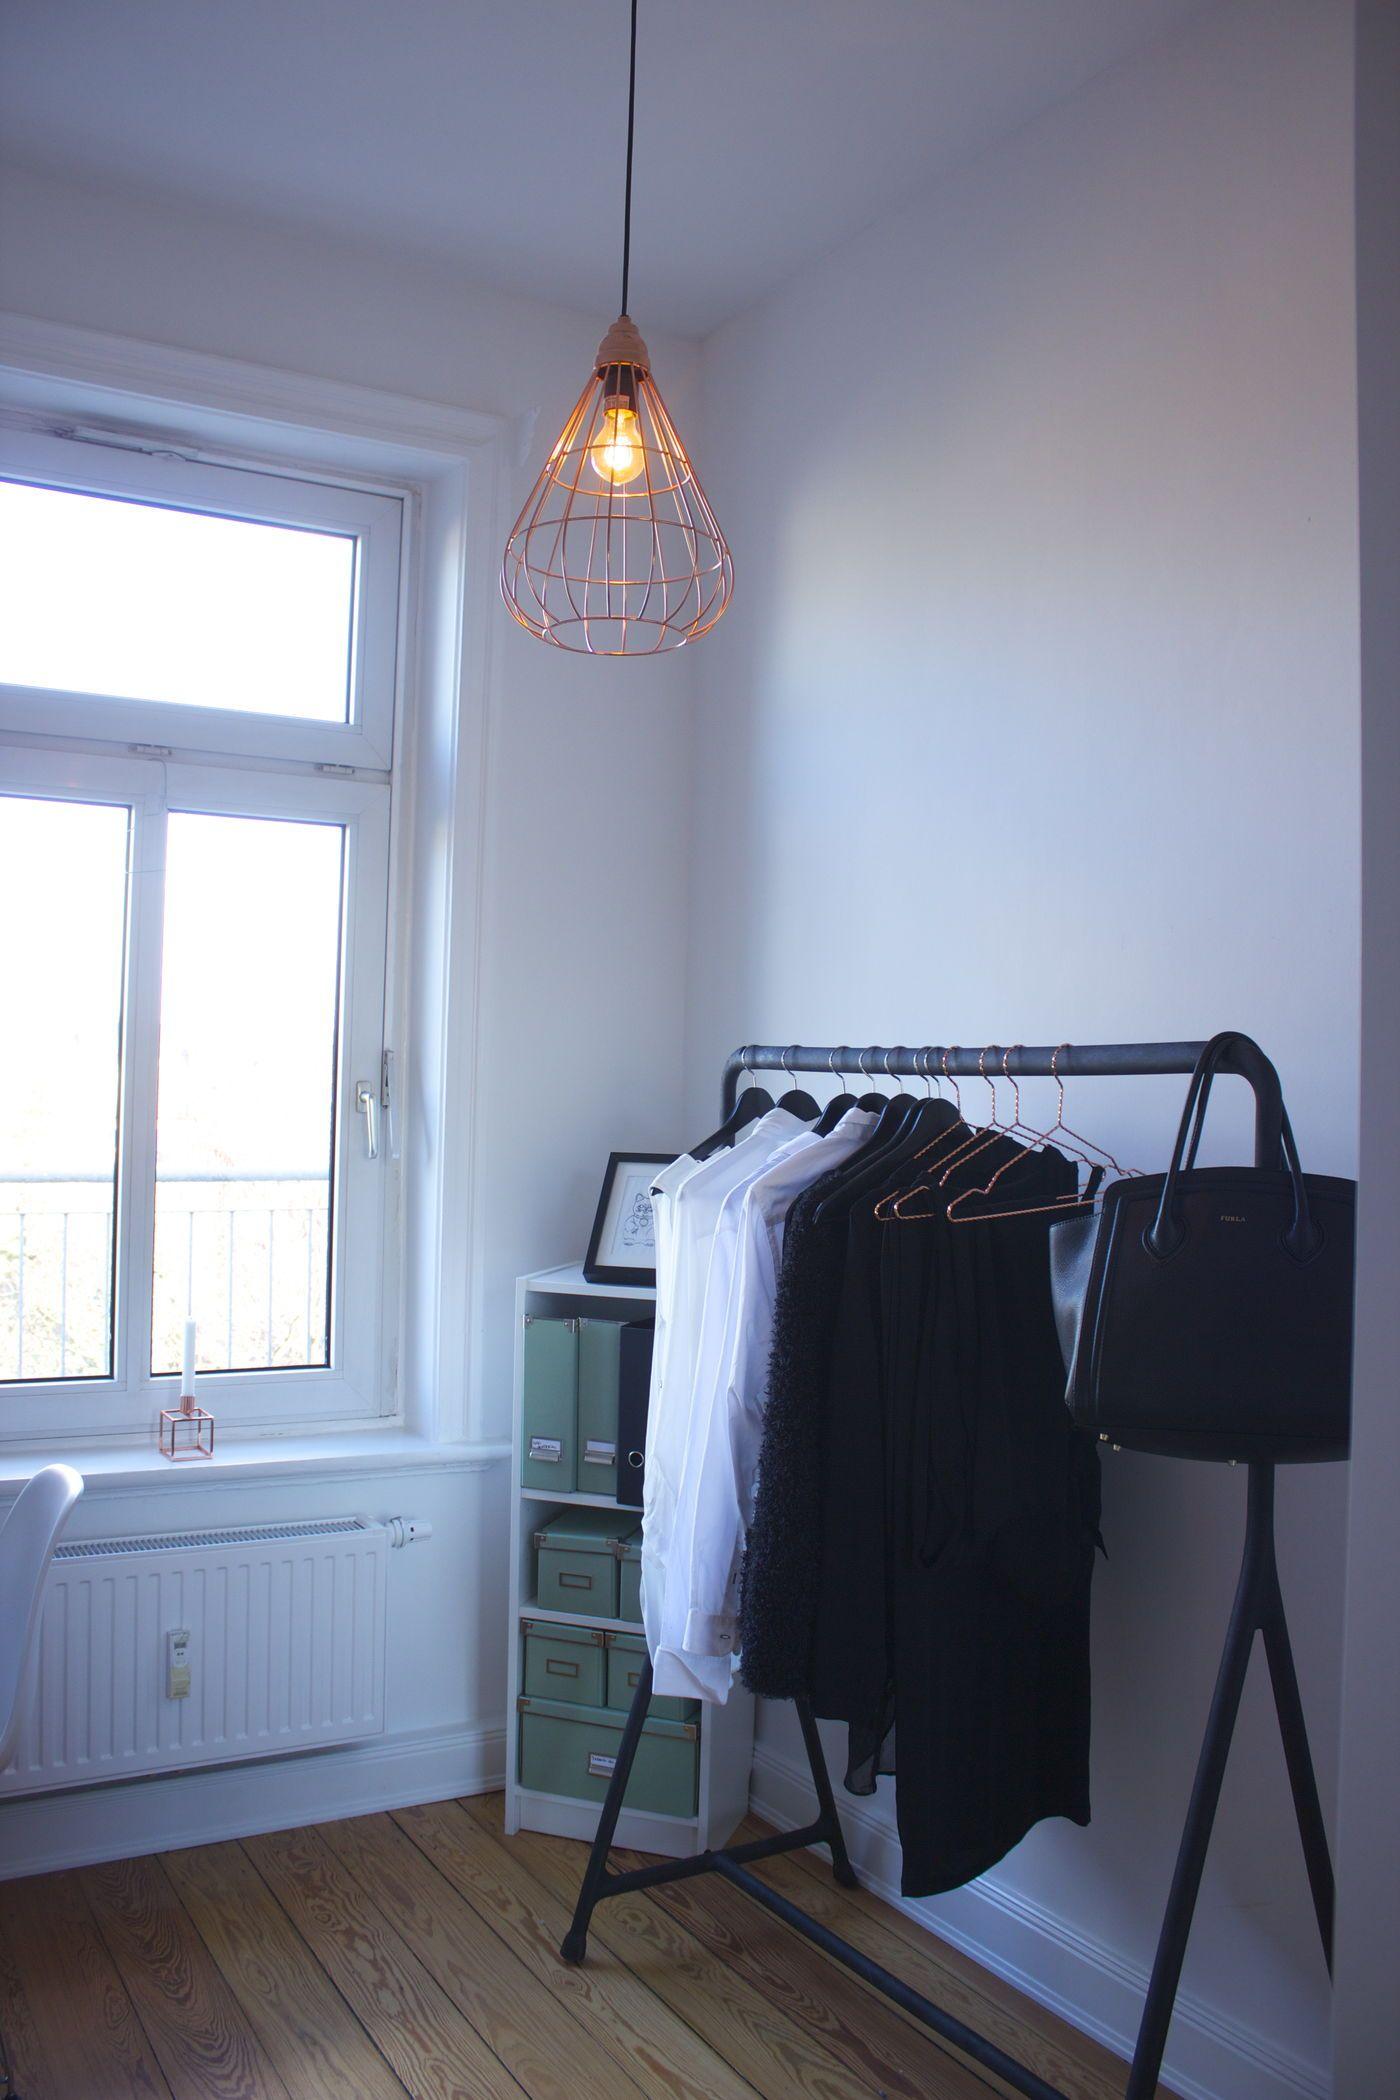 Kleiderstange: Ideen & Bilder - Seite 3